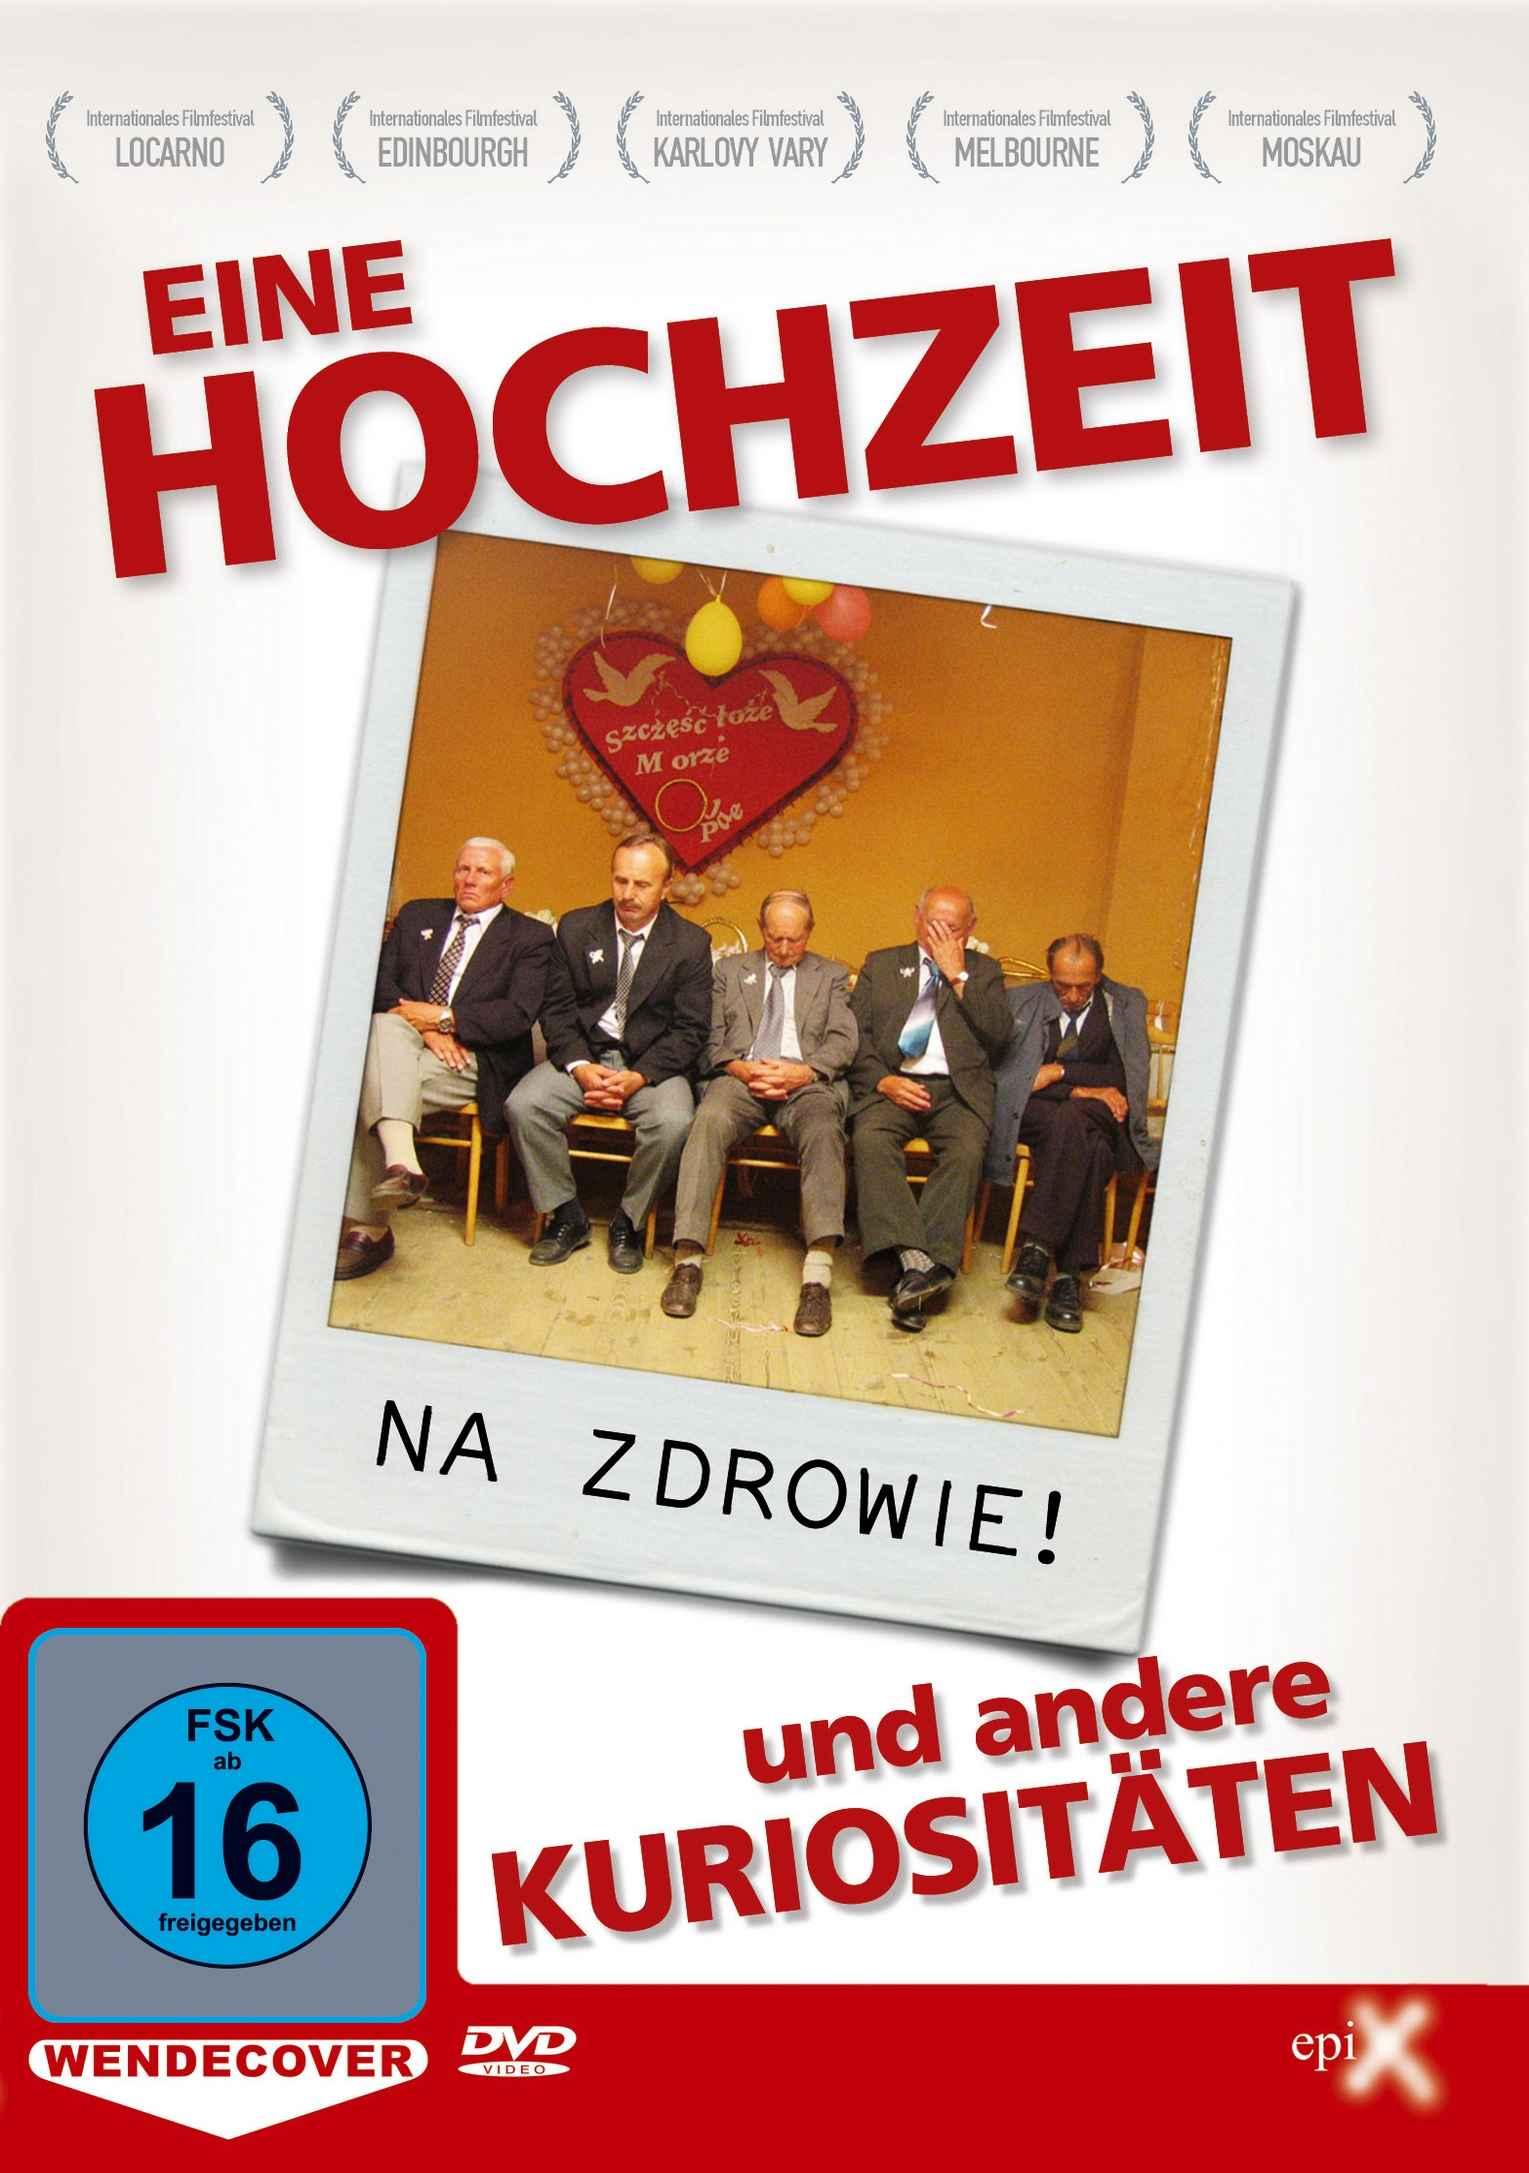 EINE HOCHZEIT UND ANDERE KURIOSITÄTEN Front FINAL